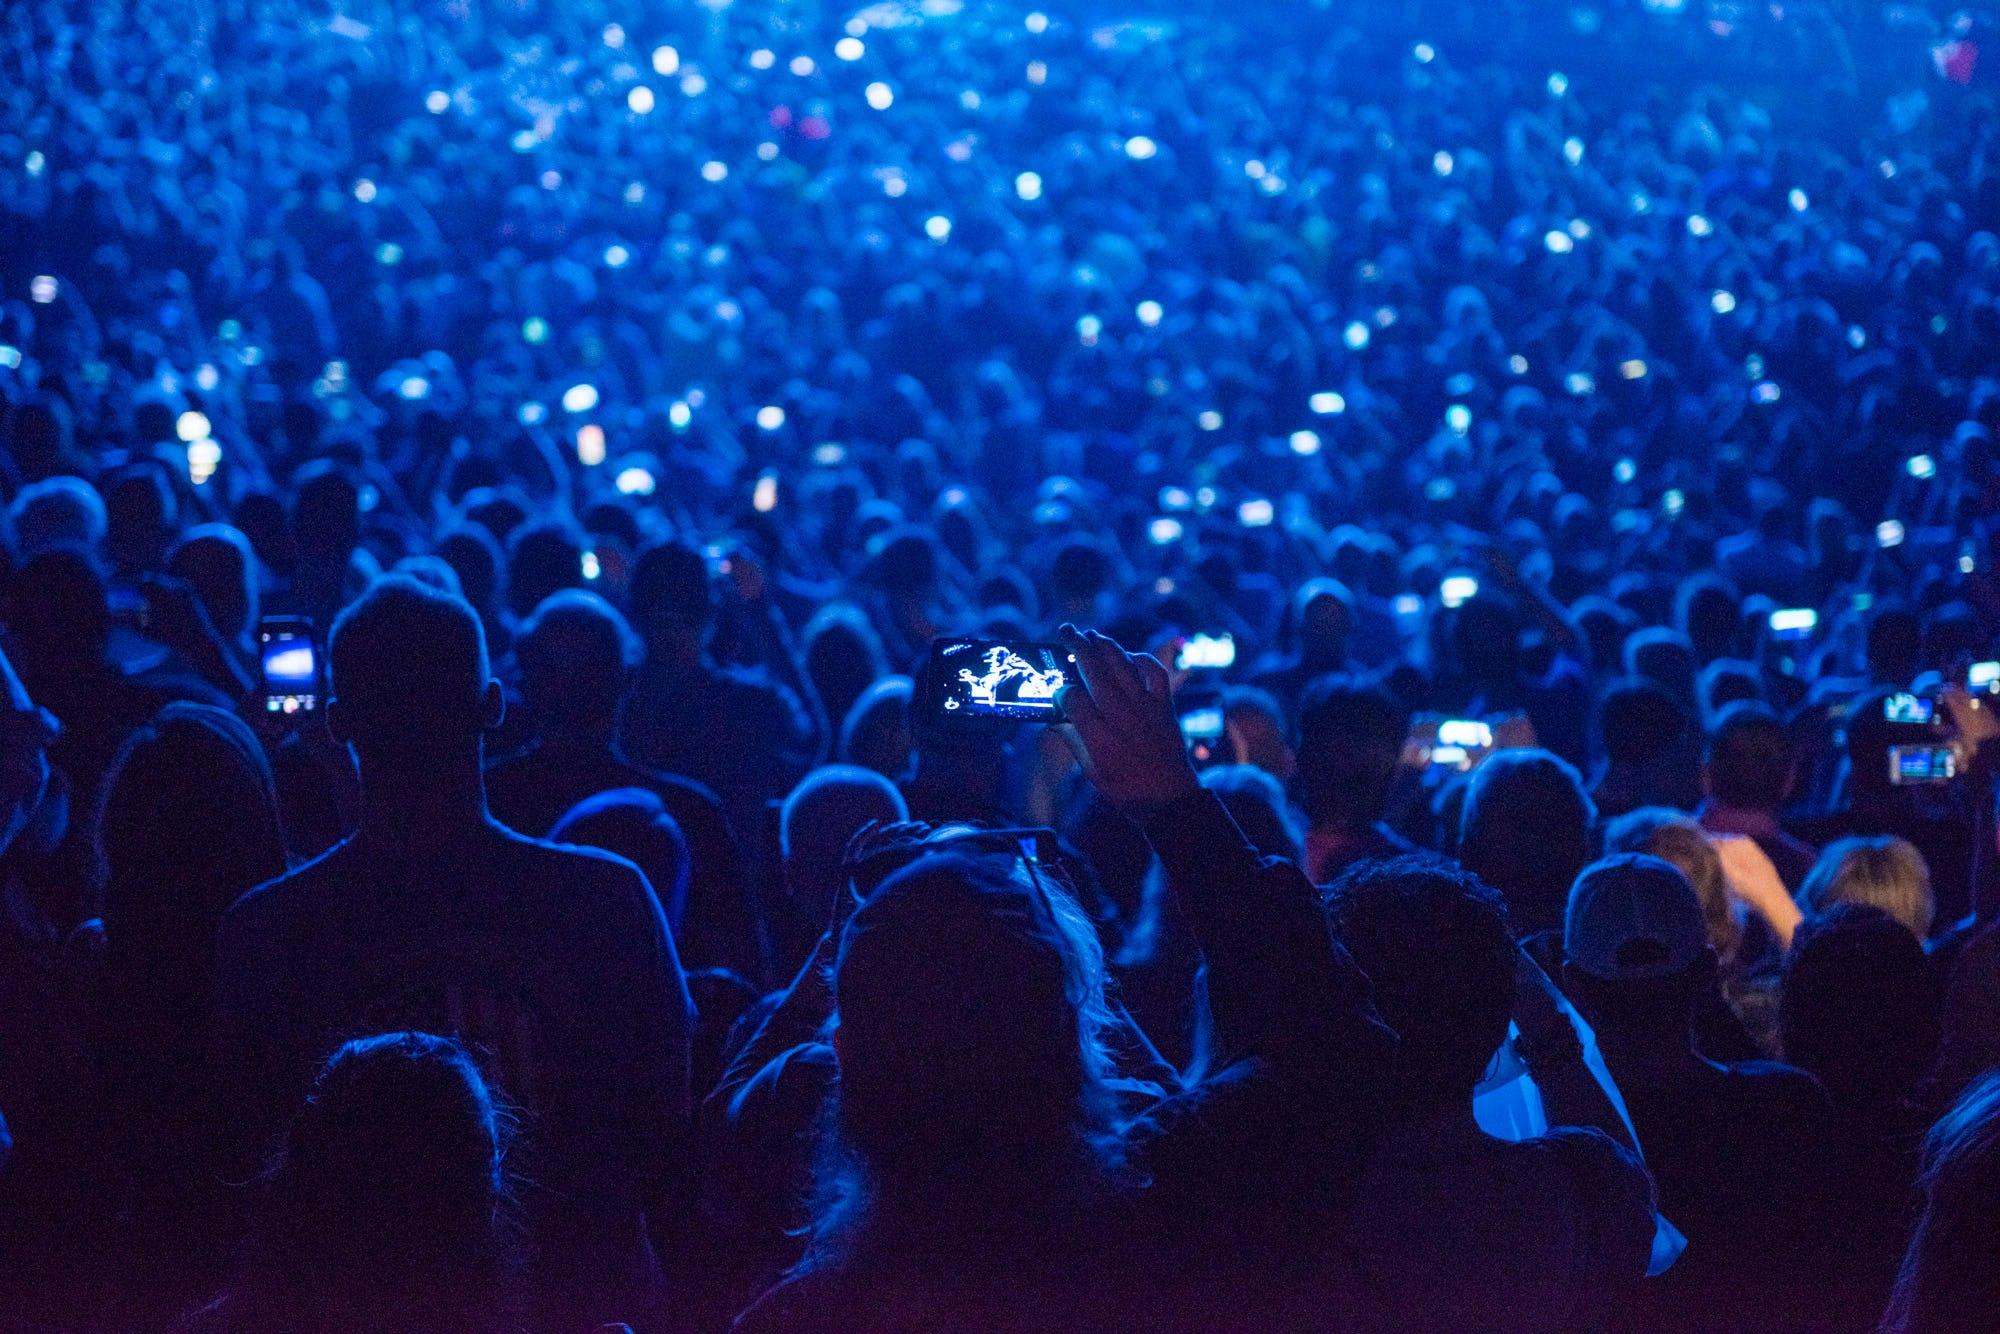 U2 AR audience